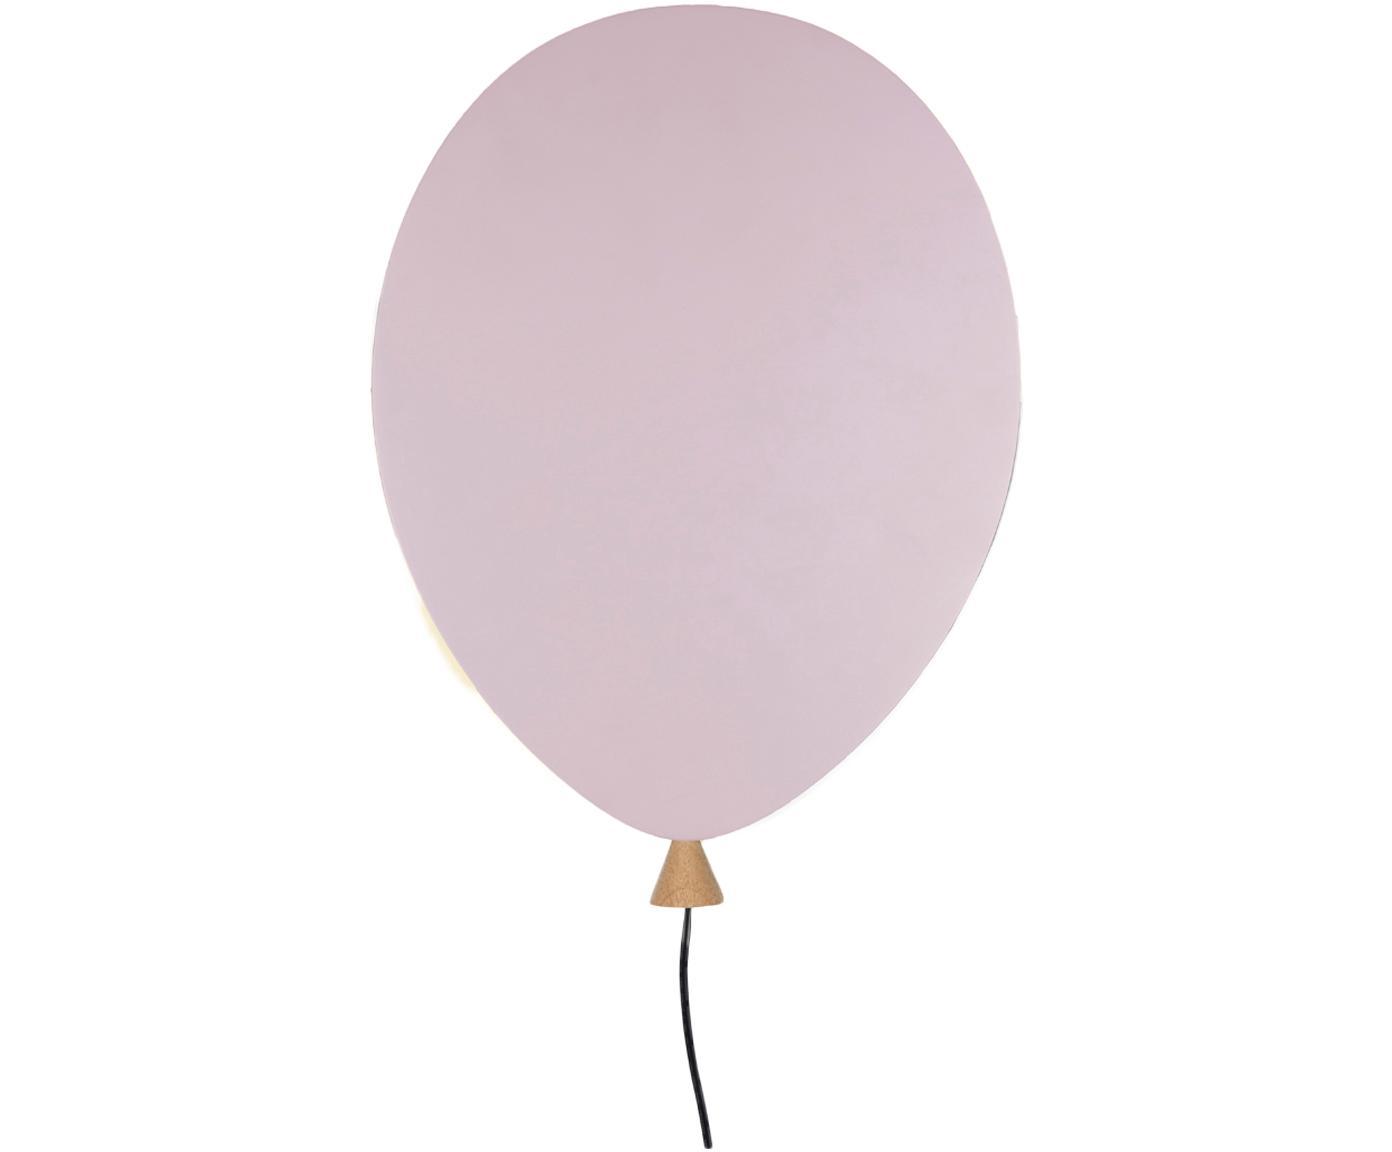 Wandleuchte Balloon mit Stecker, Lampenschirm: Holz, beschichtet, Rosa, 25 x 35 cm